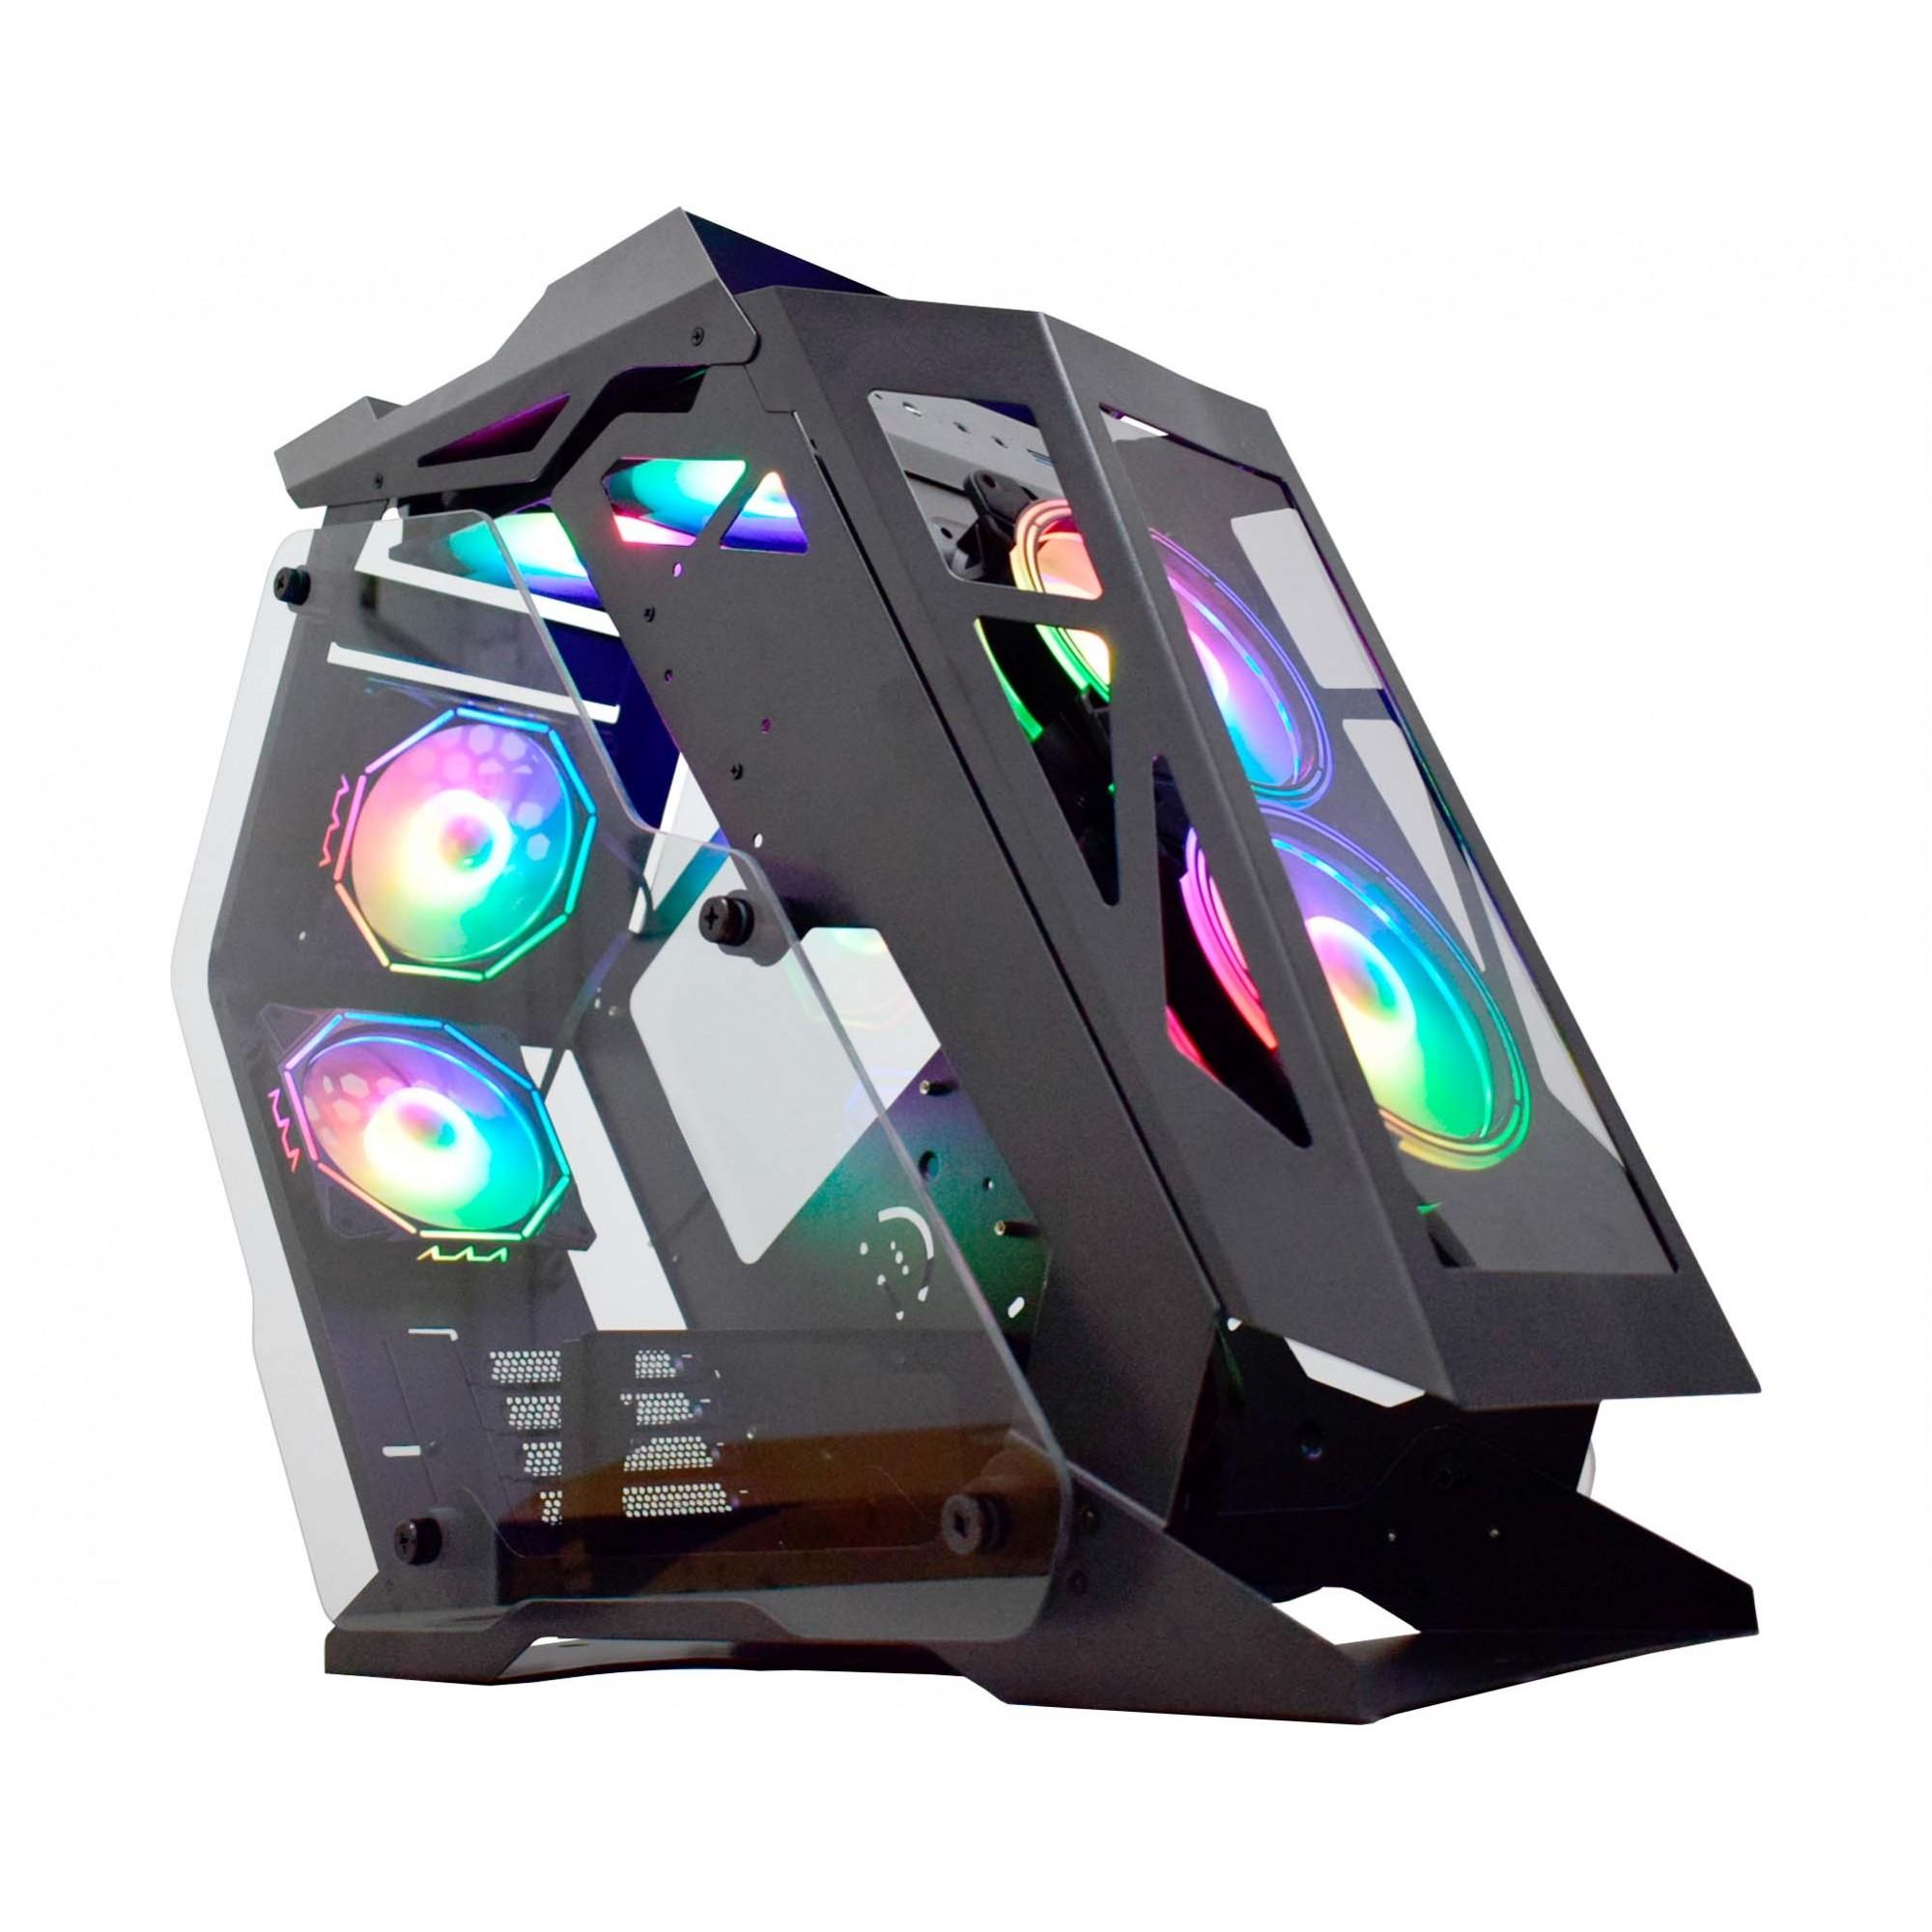 Computador Gamer, Intel Core i3-9100F, Placa de Vídeo GTX-1650 4GB, 8GB DDR4, HD 1TB